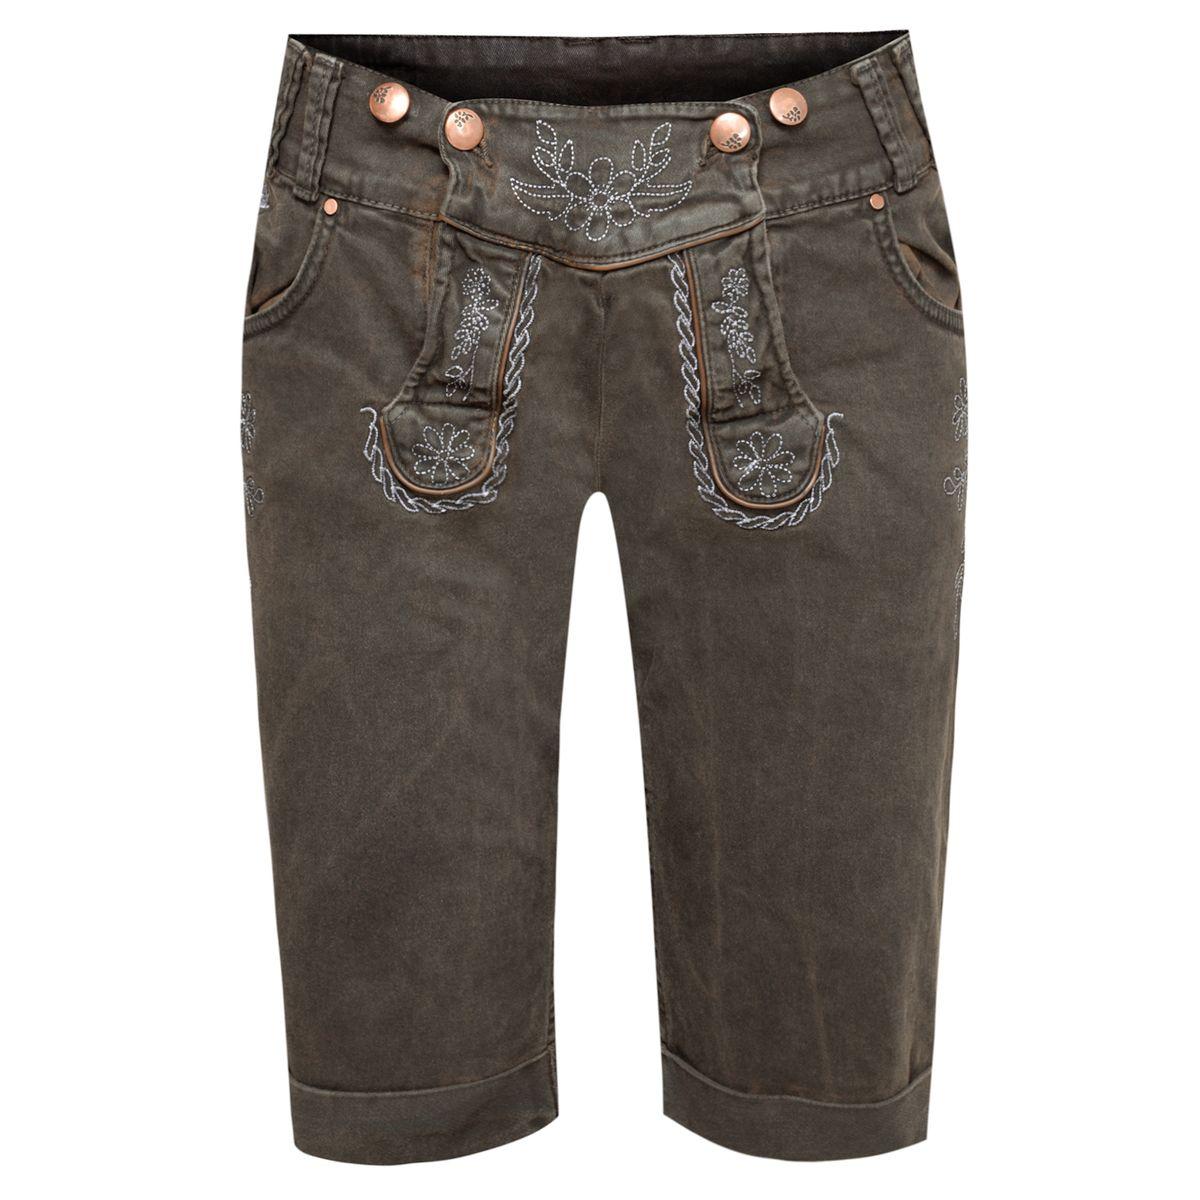 Jeans-Lederhose Bermuda in Dunkelbraun von Hangowear günstig online kaufen